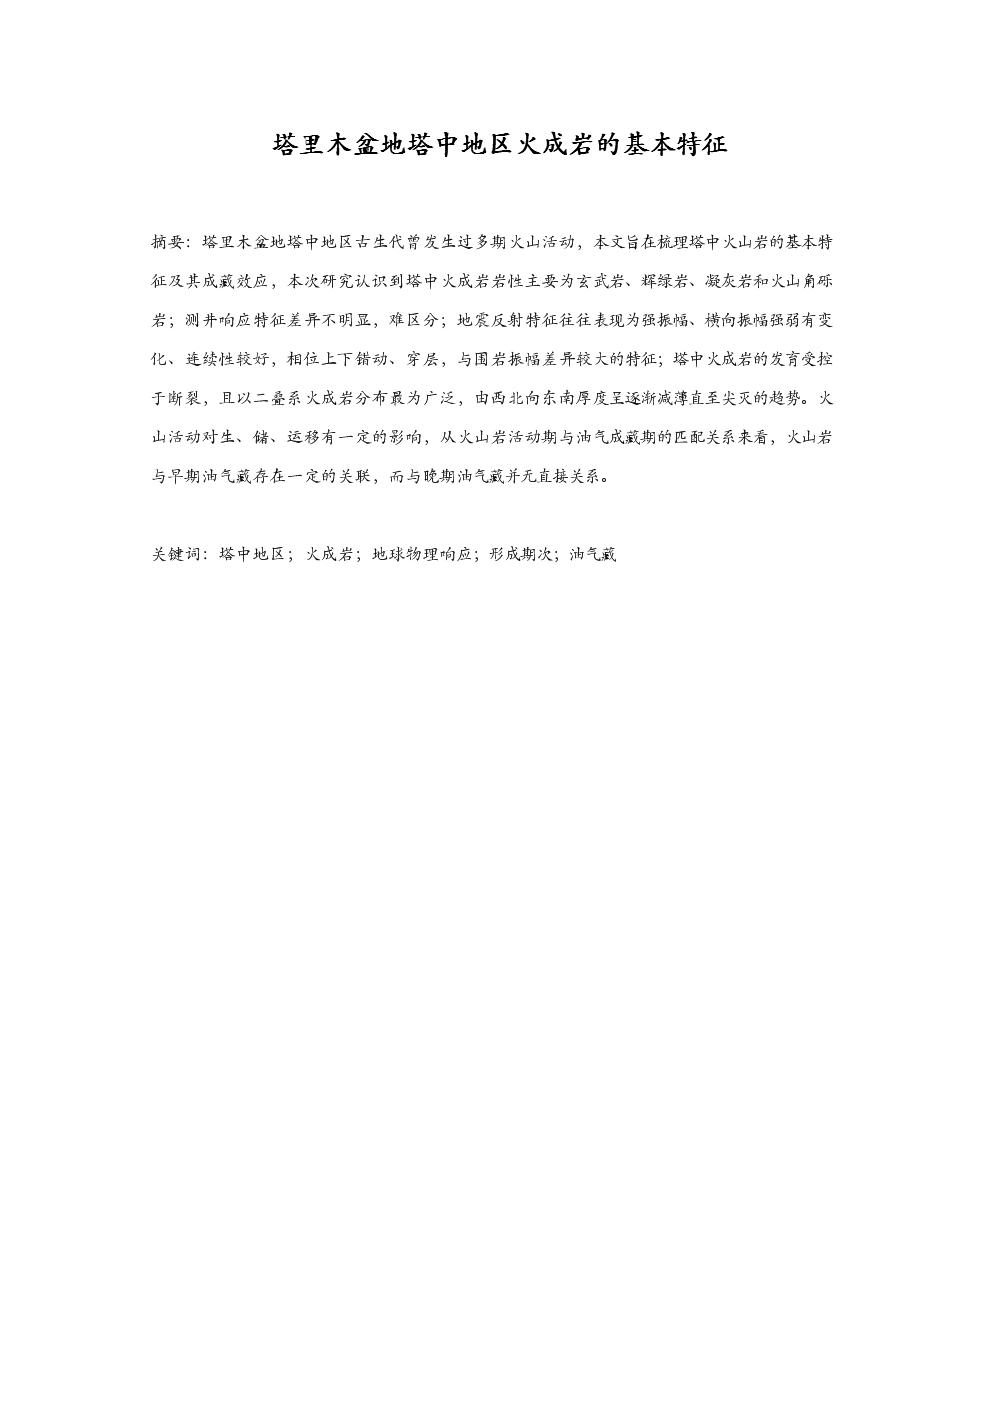 塔里木盆地塔中地区火成岩的基本特征.doc